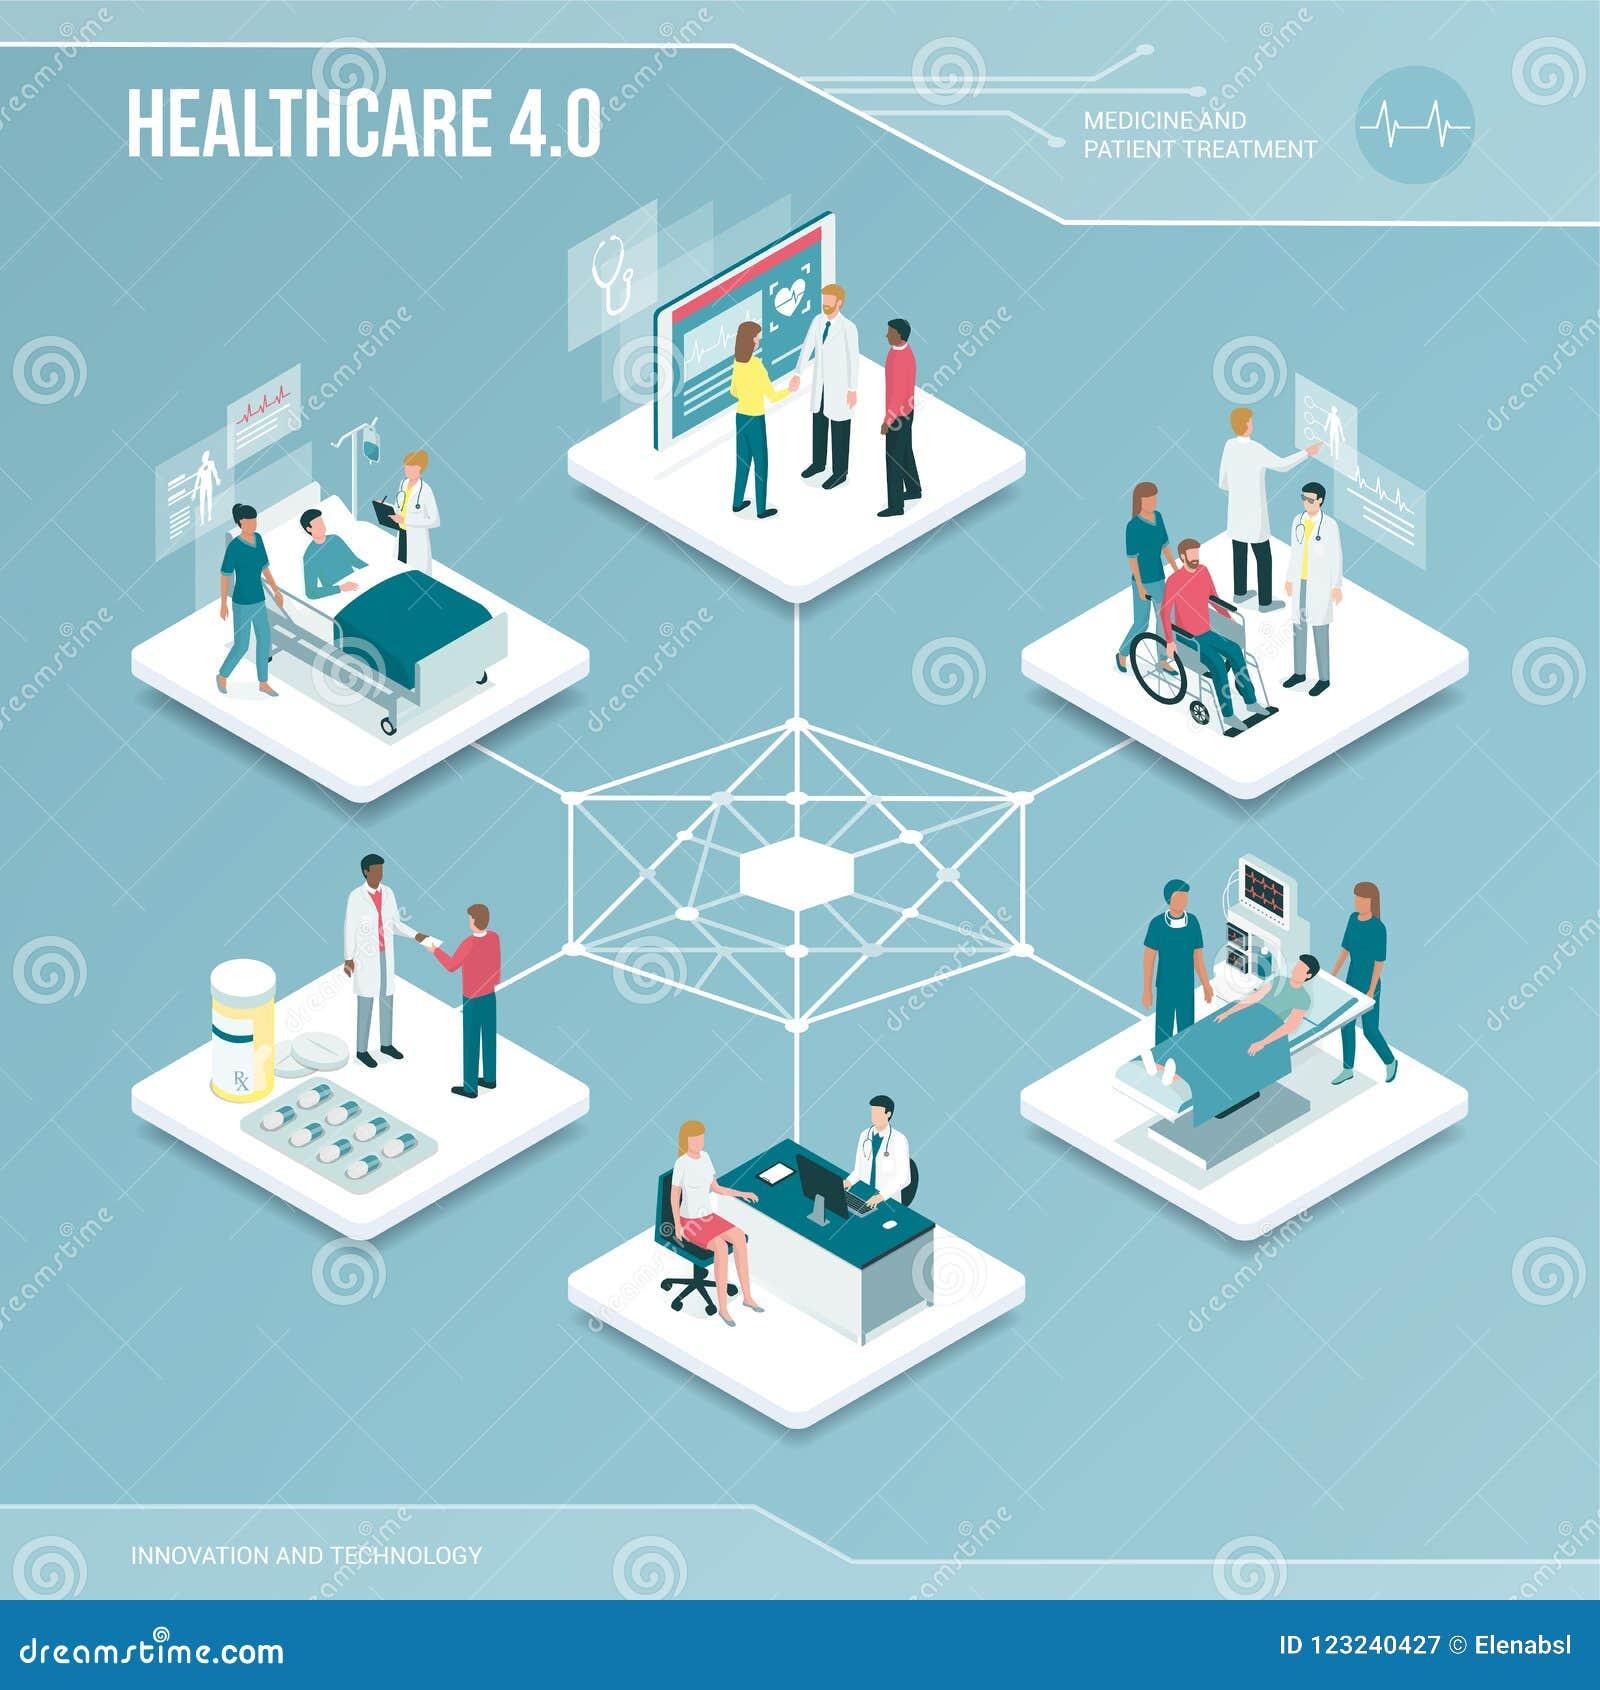 Ψηφιακός πυρήνας: σε απευθείας σύνδεση υγειονομική περίθαλψη και ιατρικές υπηρεσίες